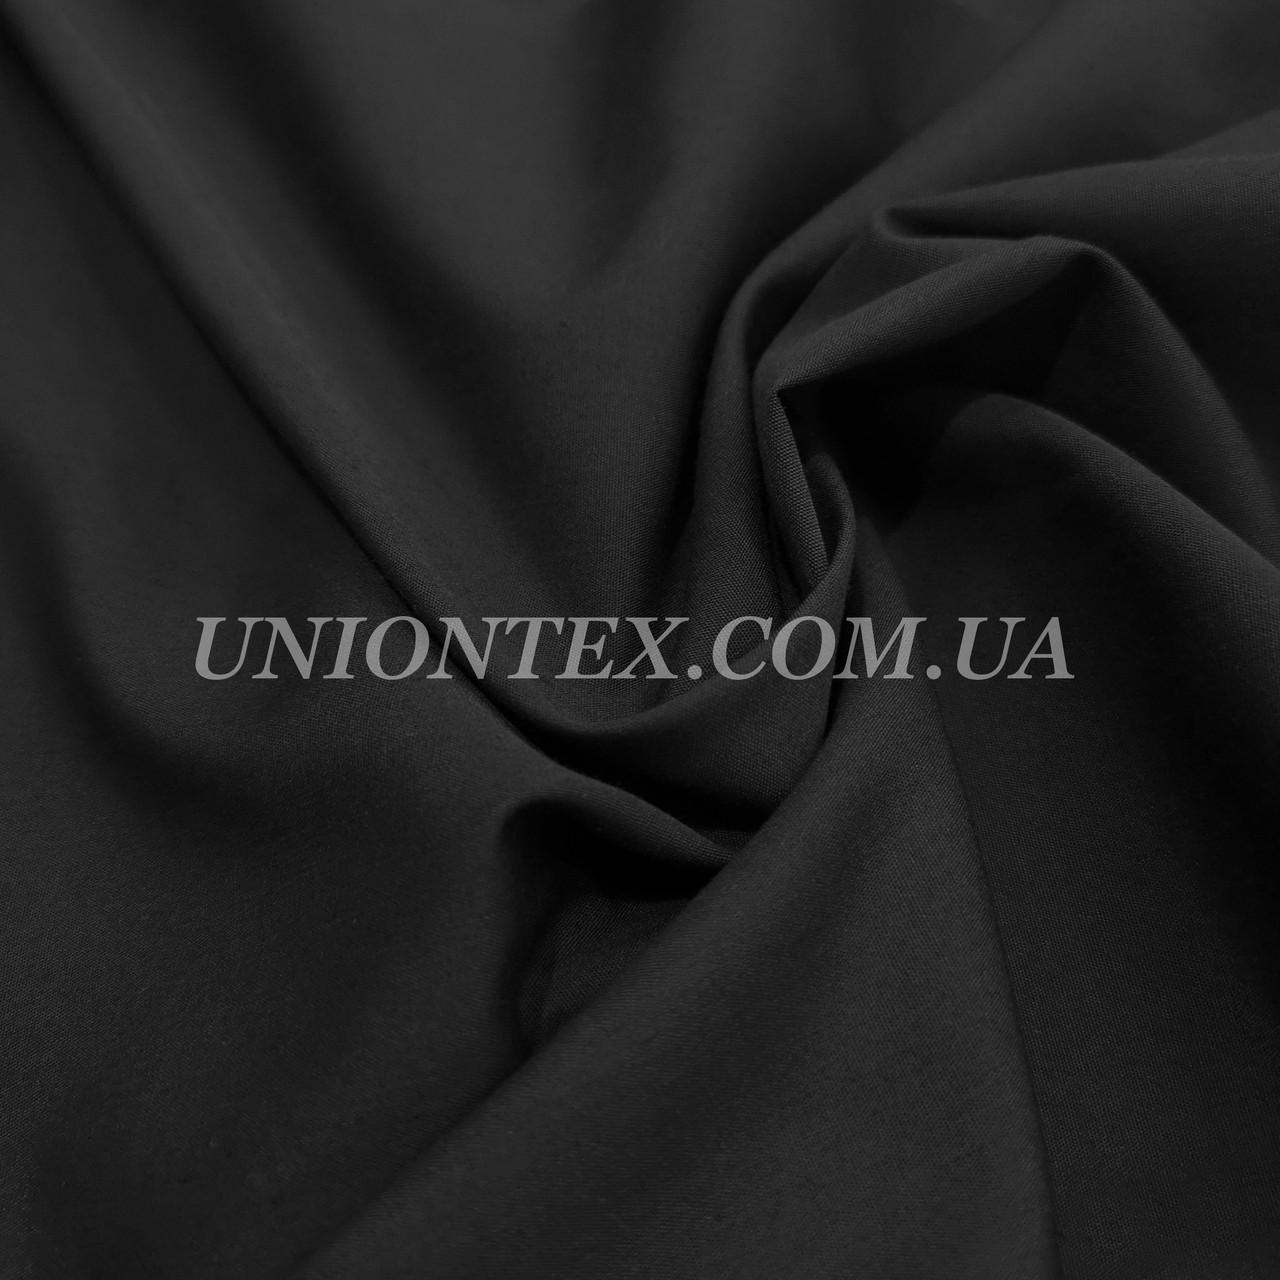 Черная ткань рулон купить ацетатный шелк искусственный или синтетический